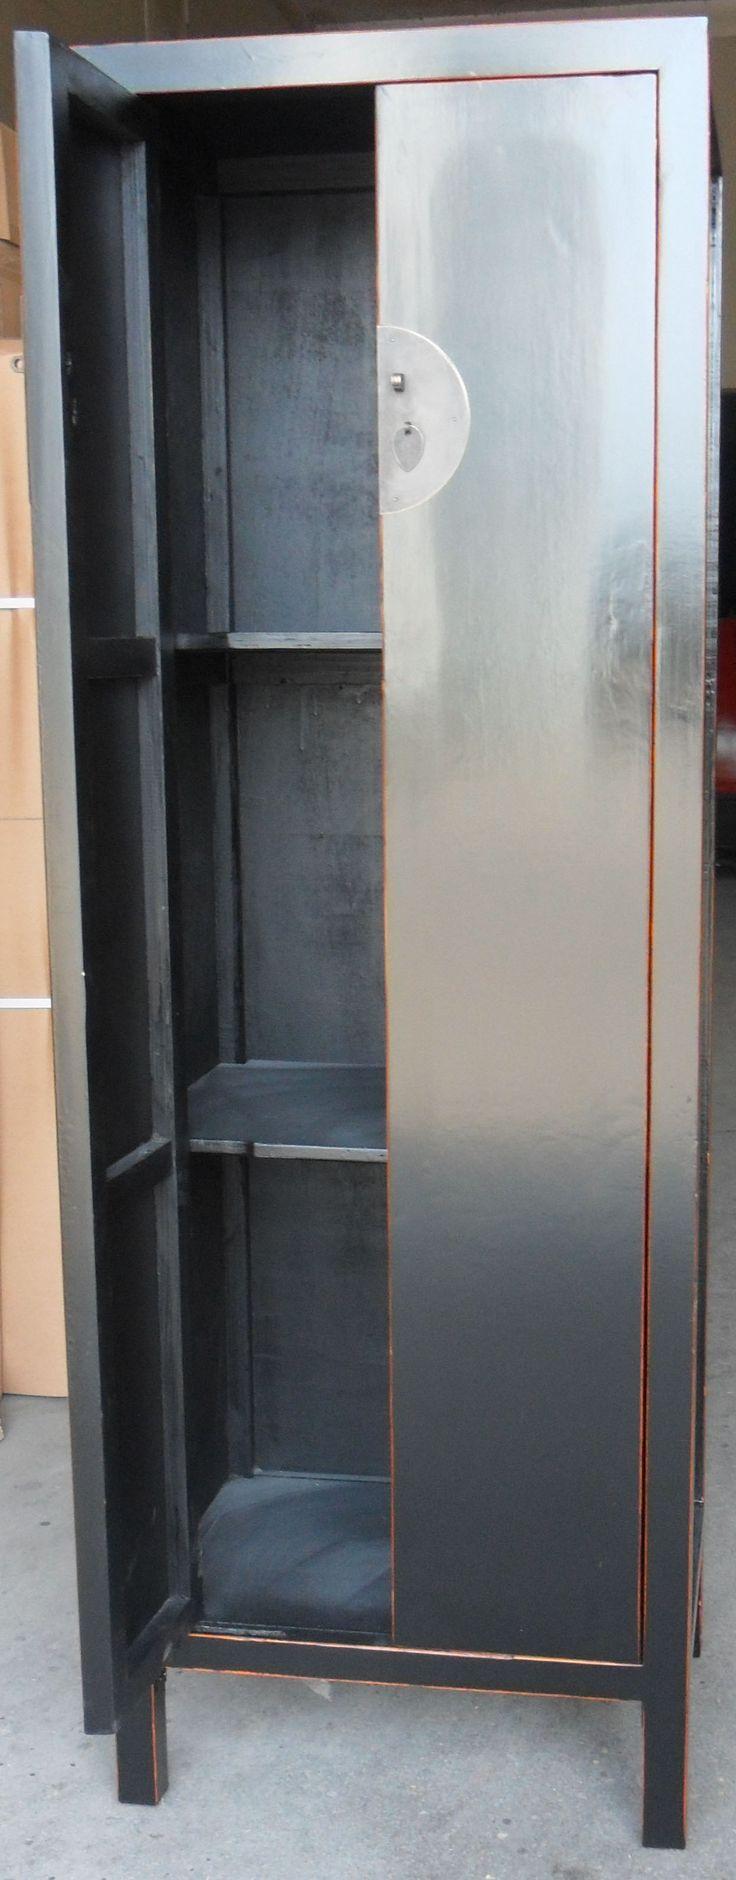 BLACK CABINET: 2 DOORS